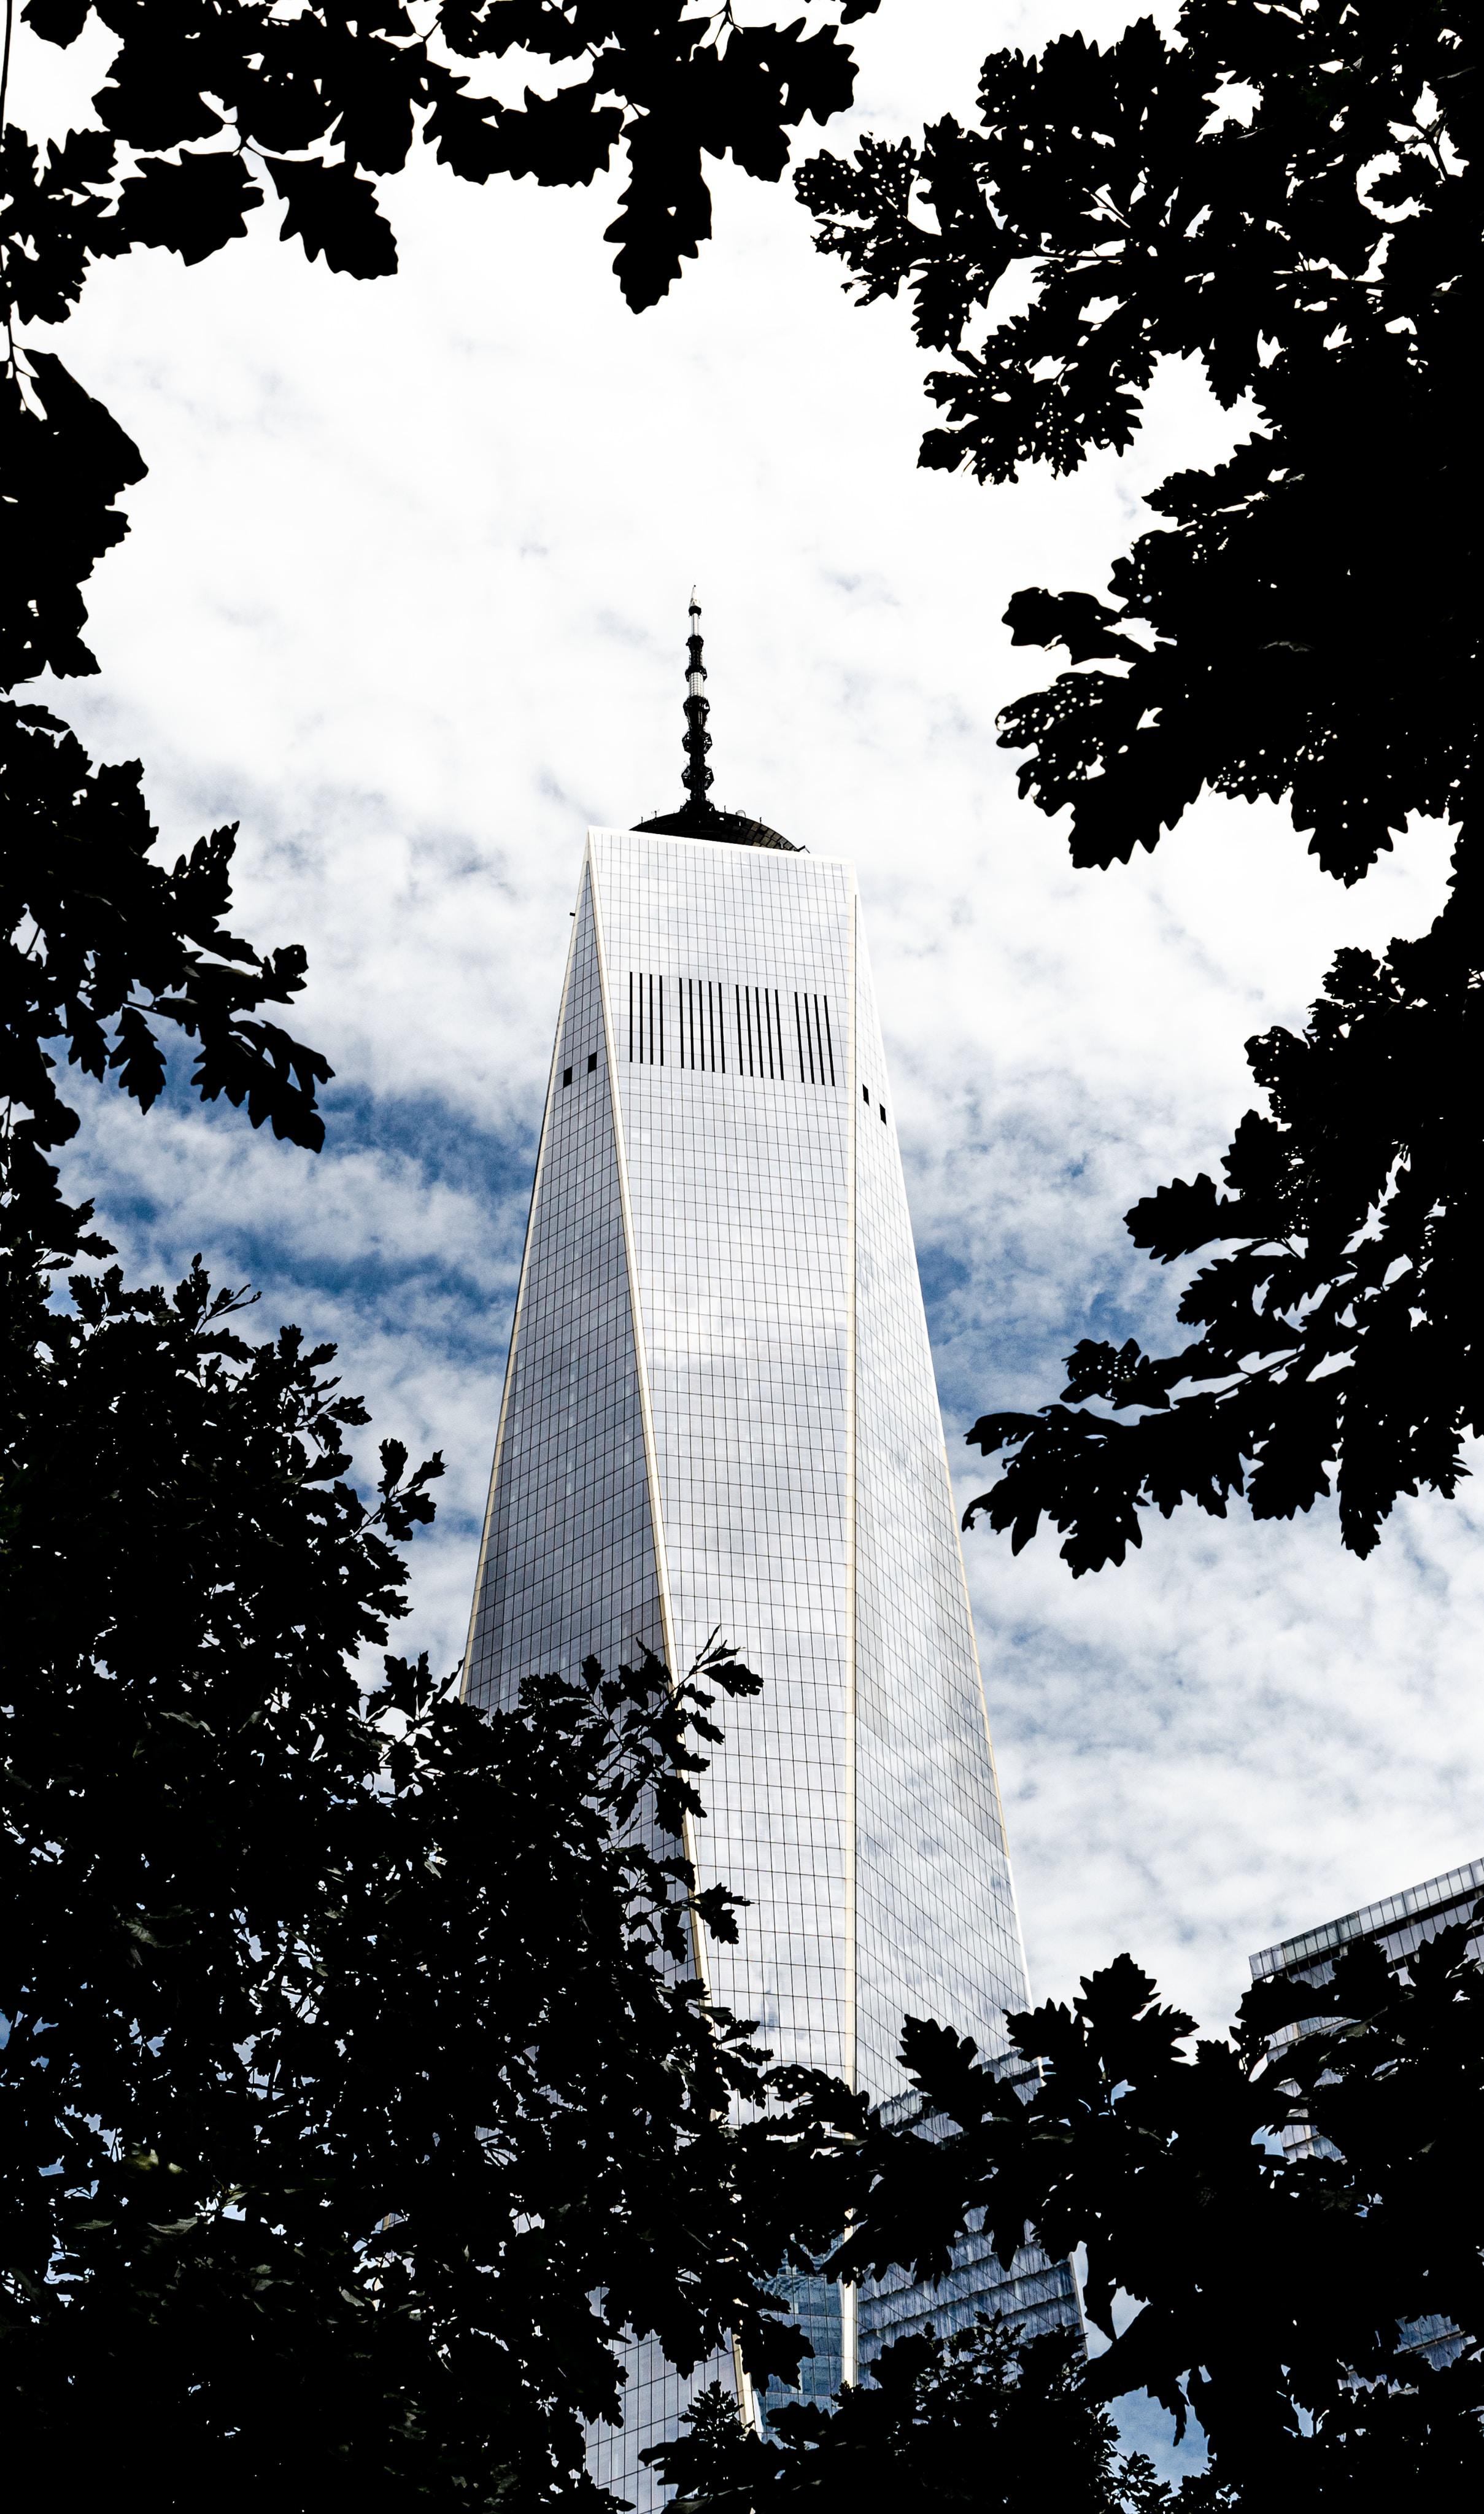 131796 скачать обои Башня, Здание, Небоскреб, Городской, Город, Архитектура, Города - заставки и картинки бесплатно